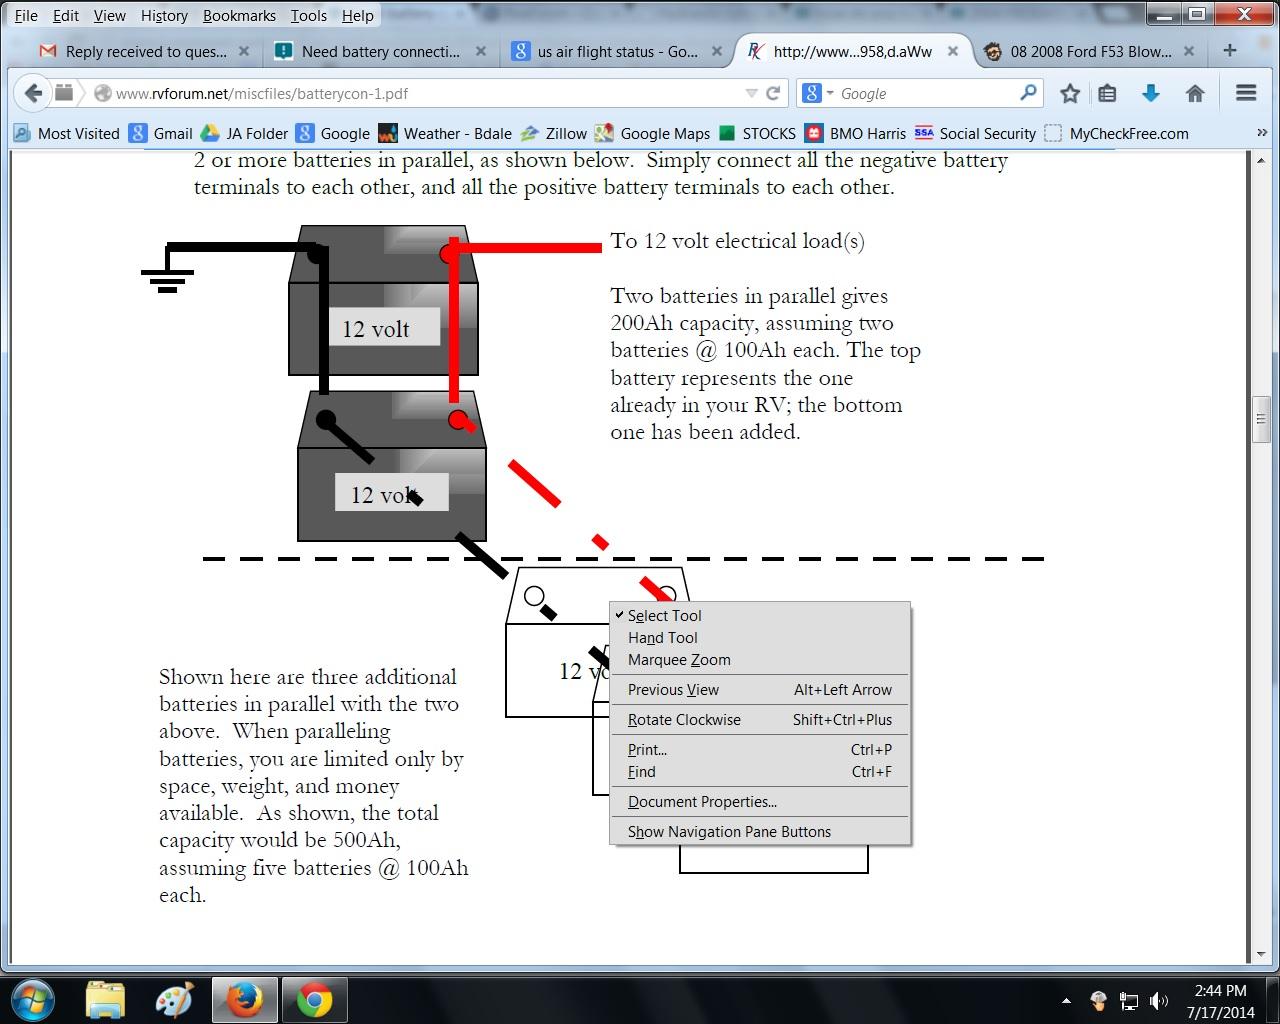 1feb3149-1f02-40af-80cb-52ec1fac6579_battery Fl.jpg